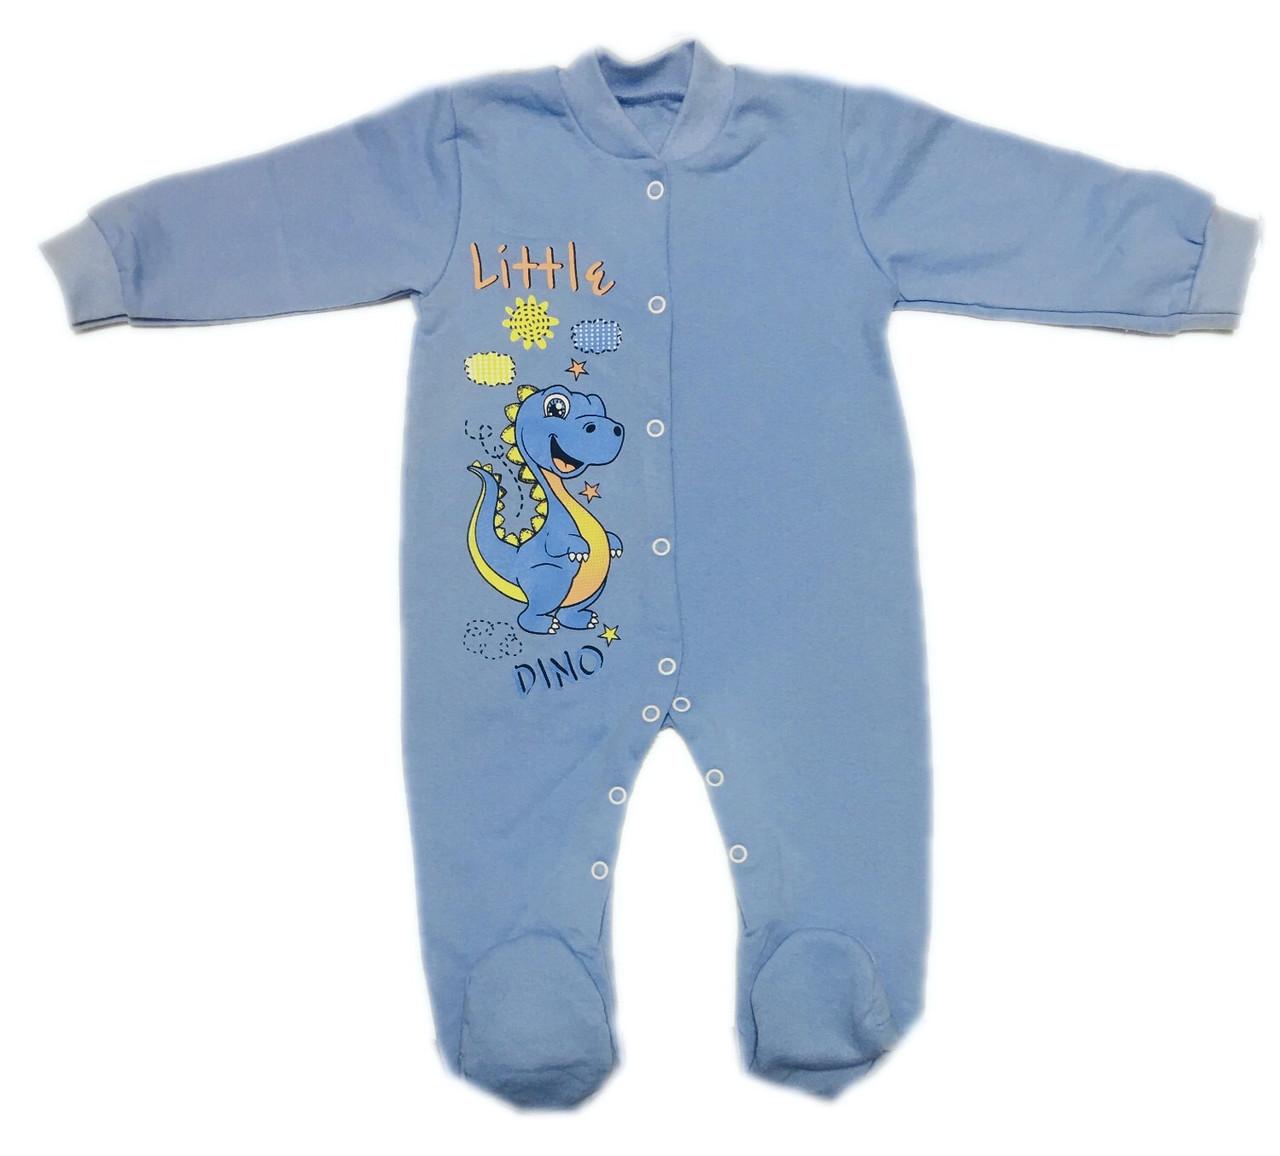 Теплый комбинезон человечек для новорожденных начес, 68см